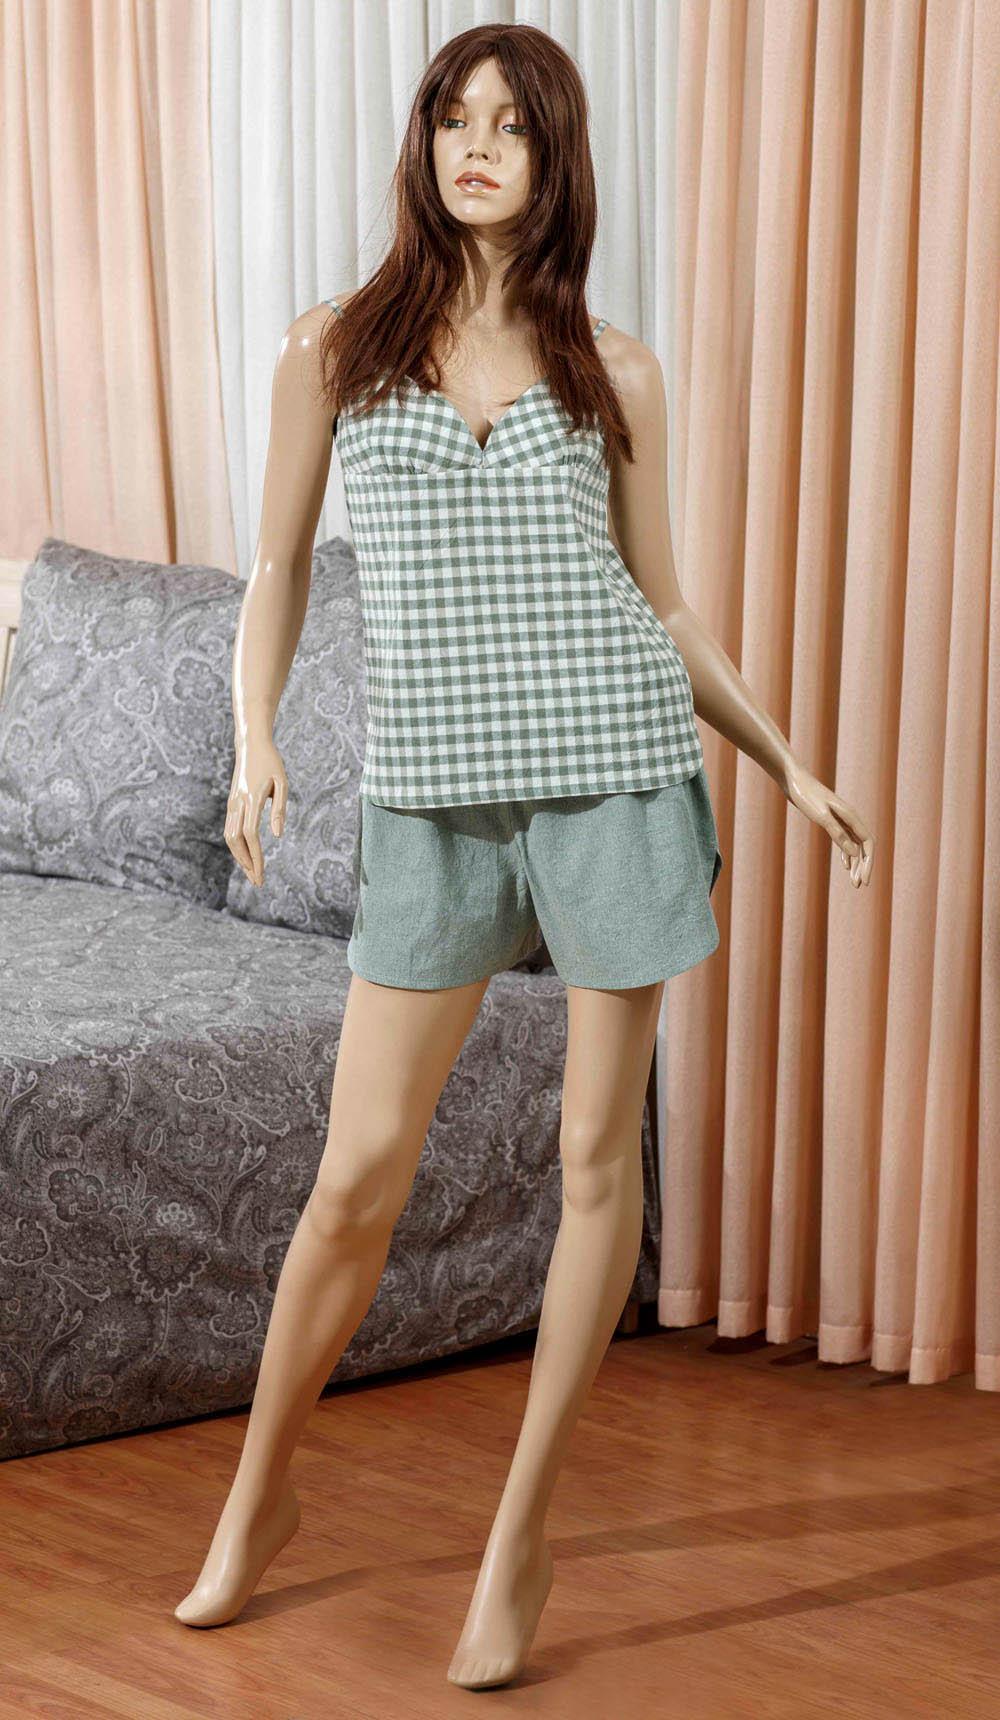 Футболки Primavelle Одежда для дома Vera Цвет: Зеленый (L-xL) футболки primavelle одежда для дома vera цвет зеленый m l